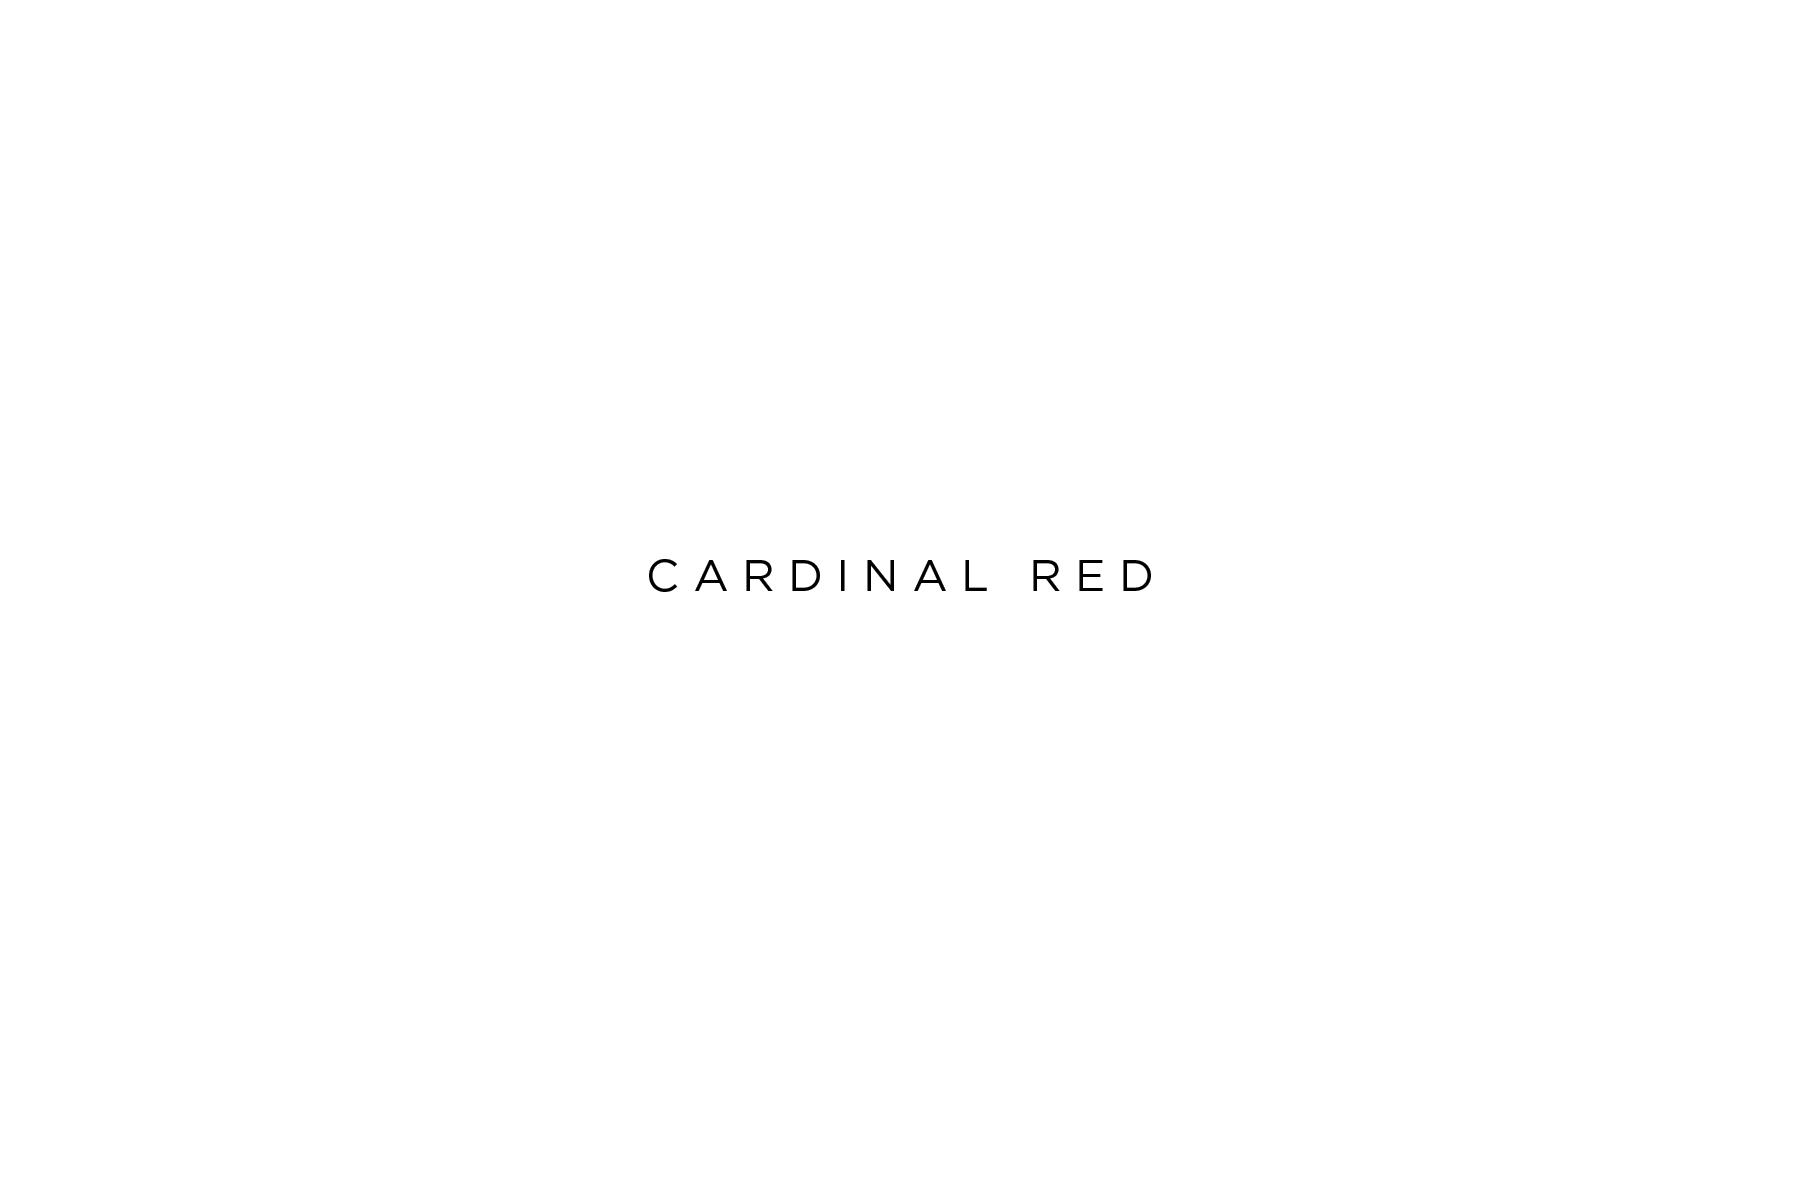 Cardinal red 3